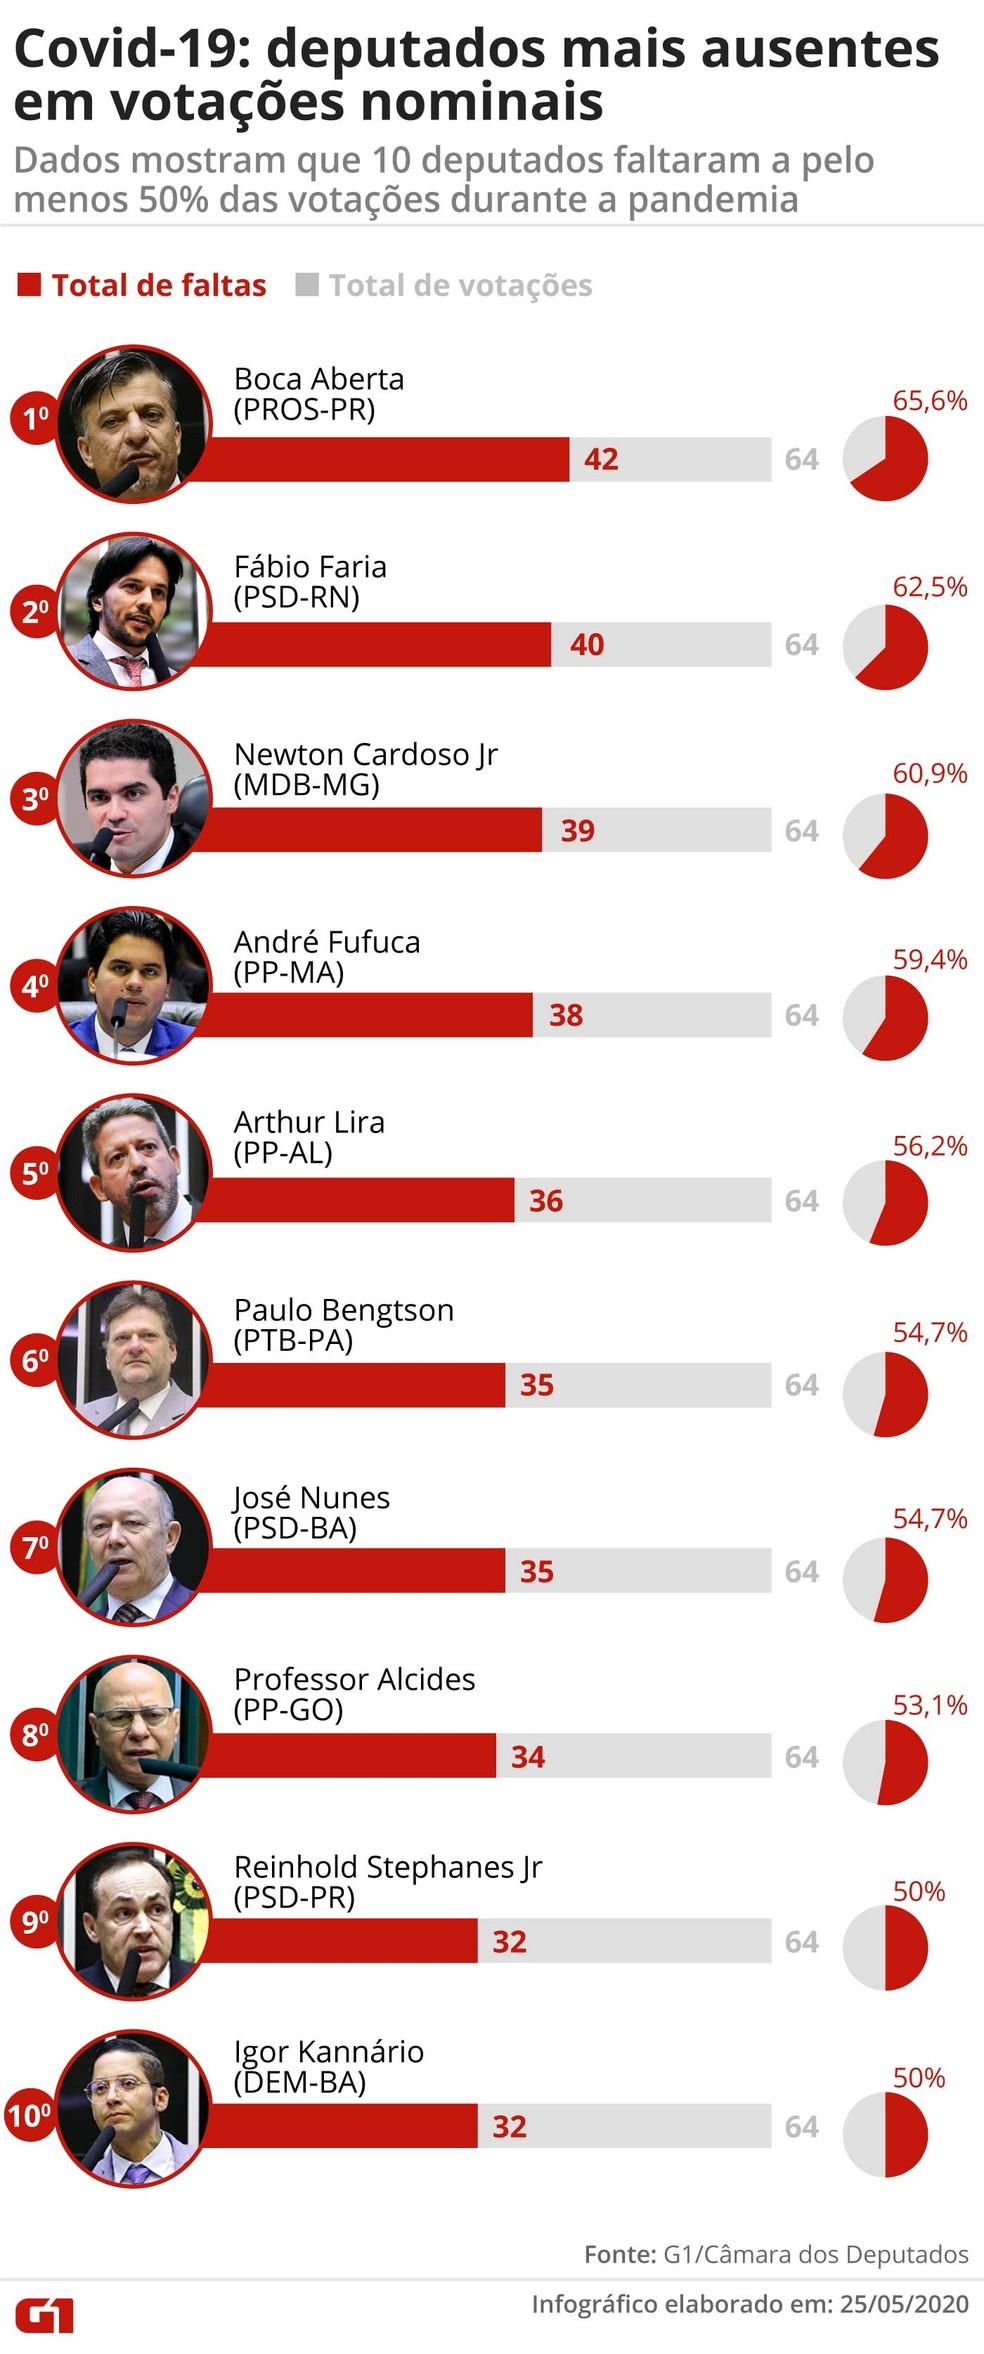 Os 10 deputados federais que mais faltaram a votações nominais realizadas durante a pandemia do novo coronavírus — Foto: Guilherme Pinheiro/G1